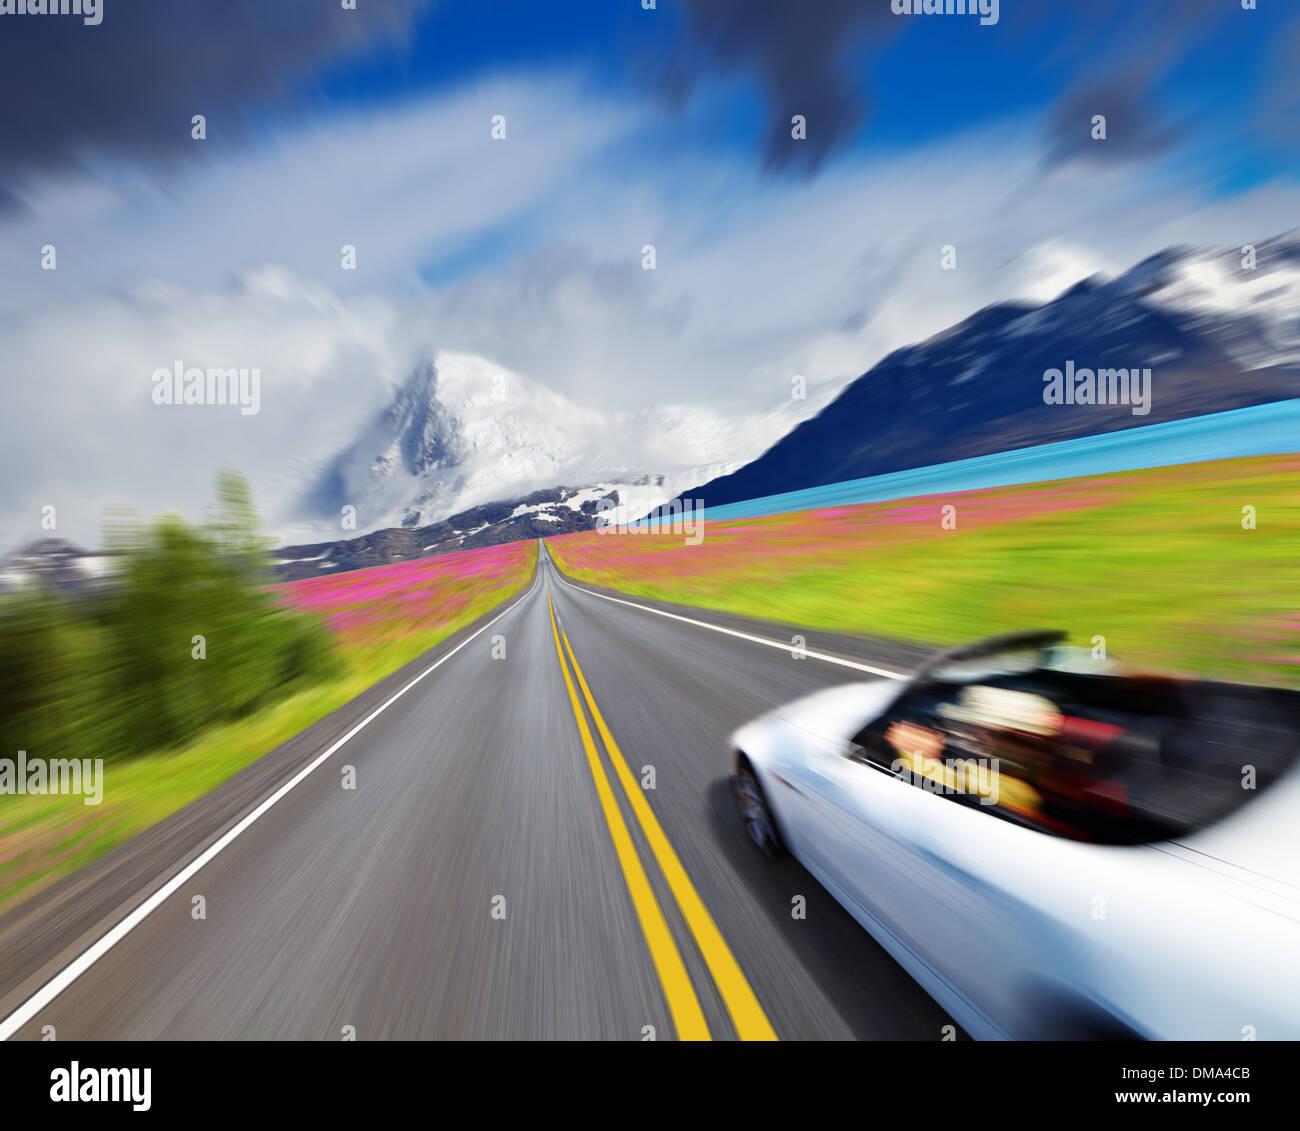 Paisaje de montaña con carretera y coche deportivo en el desenfoque de movimiento Imagen De Stock